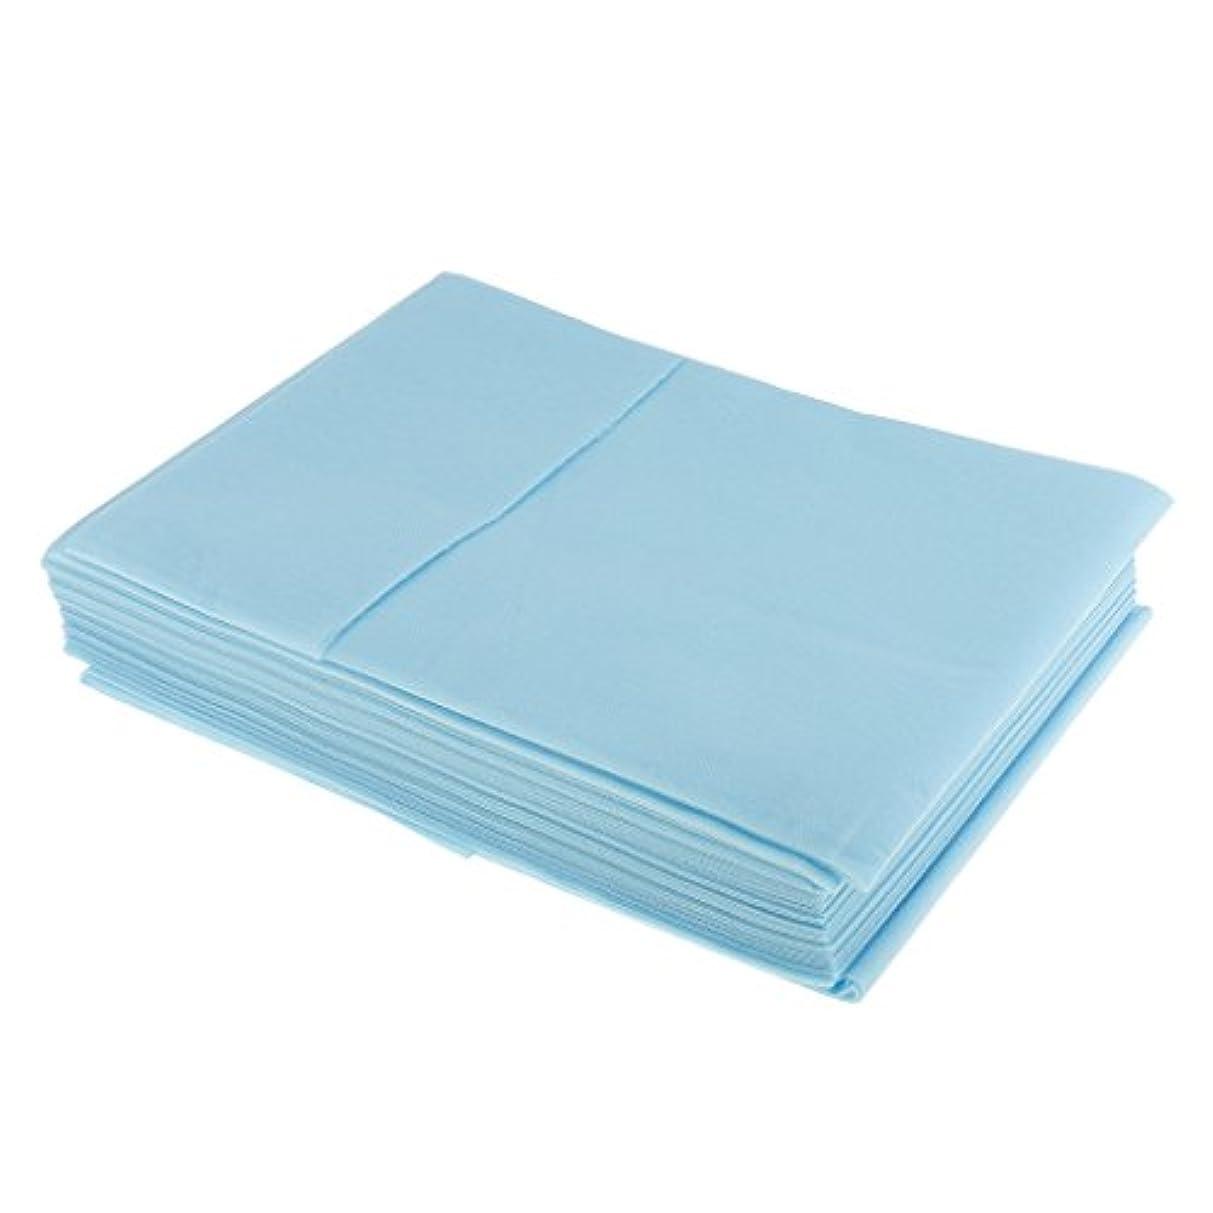 続けるスタイル時間10枚入り 使い捨て 美容室/マッサージ/サロン/ホテル ベッドパッド 旅行用 衛生シート 全3色選べ - 青